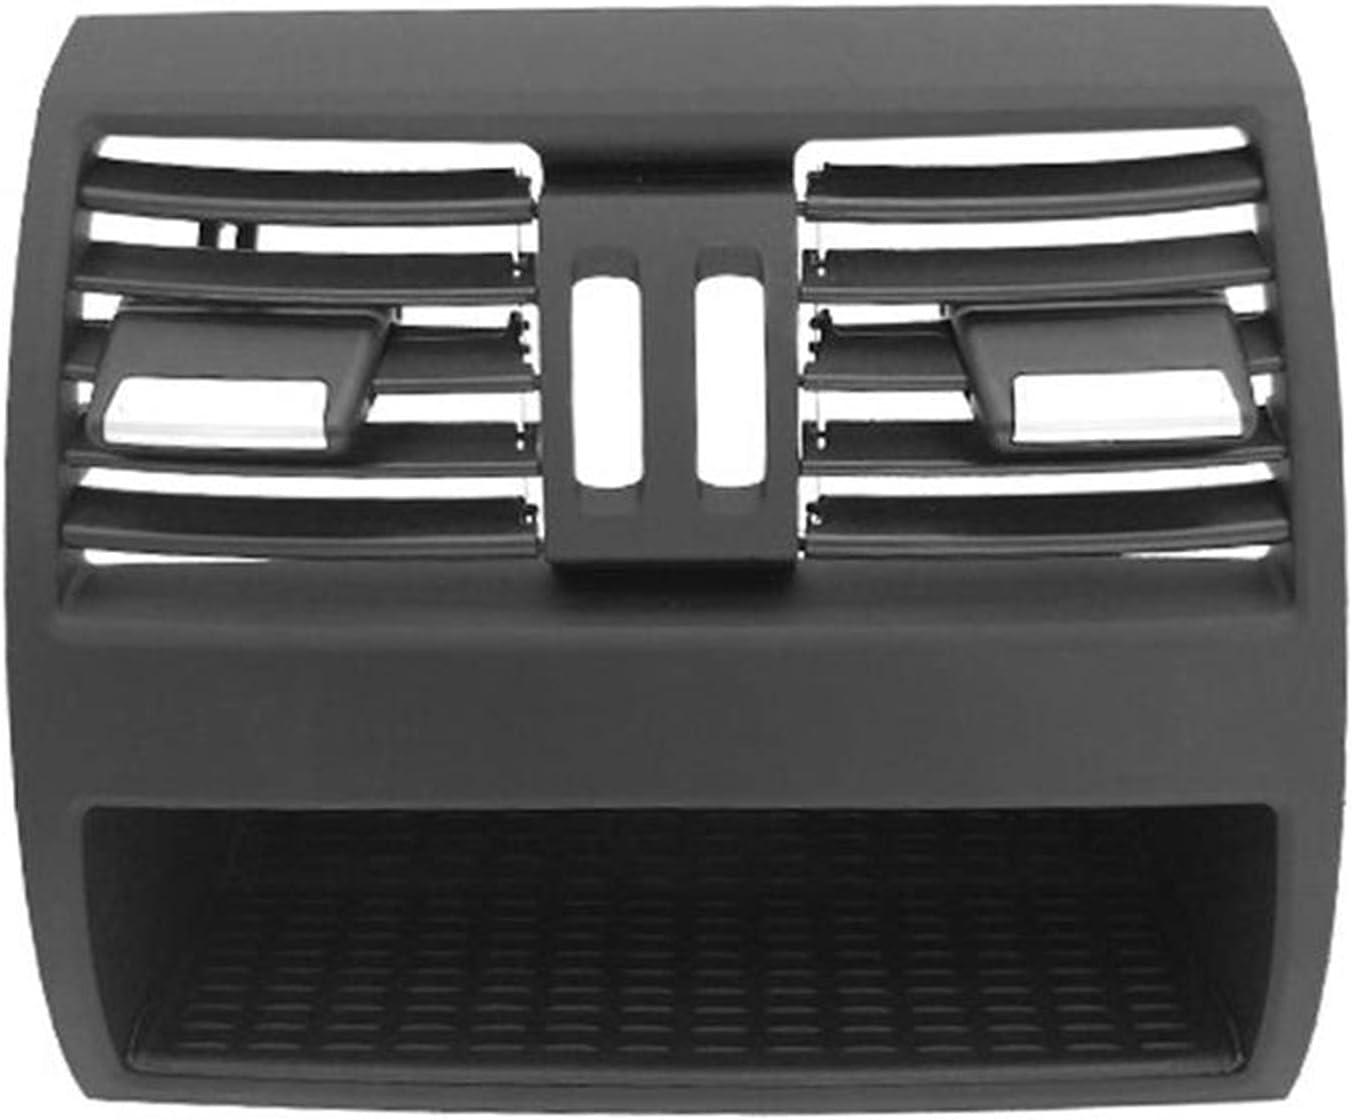 MKXGEA Rejilla de ventilación de la Cubierta de Salida de Aire de la Consola Central Trasera, para BMW F10 520D, para BMW 530d F10 F18 525d 535d 5 Series